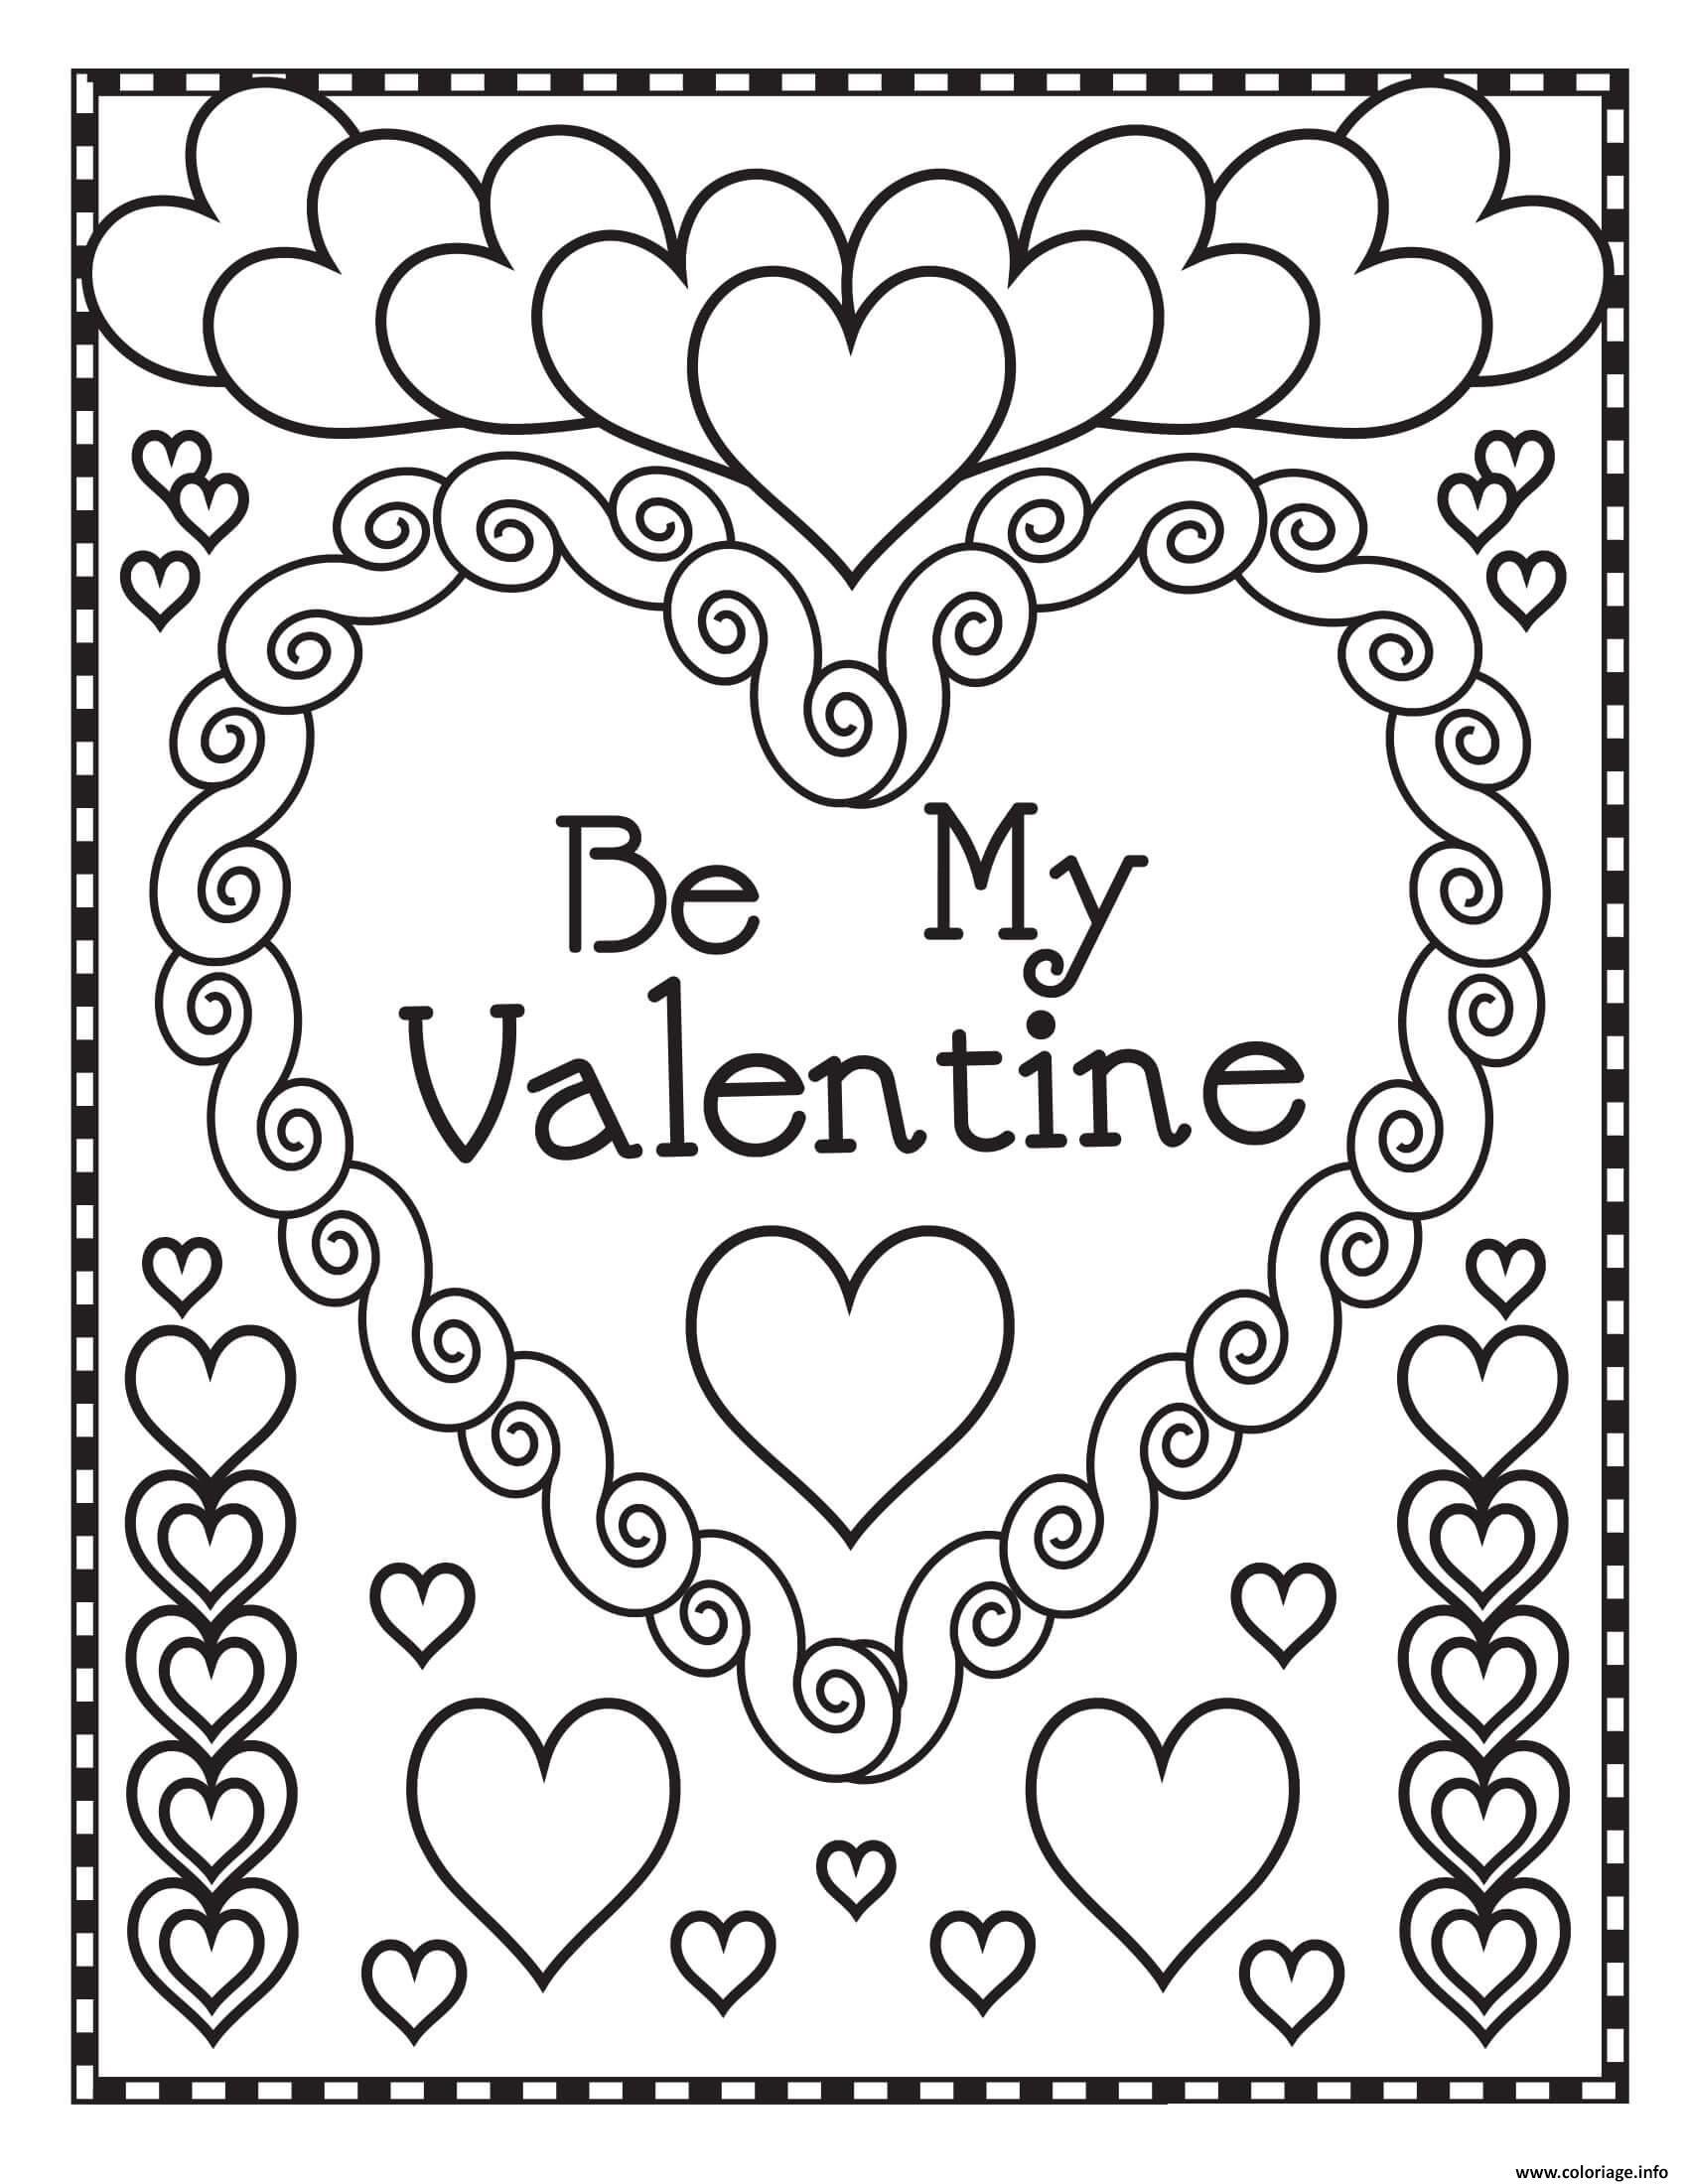 Dessin mandala coeur soit ma valentine Coloriage Gratuit à Imprimer